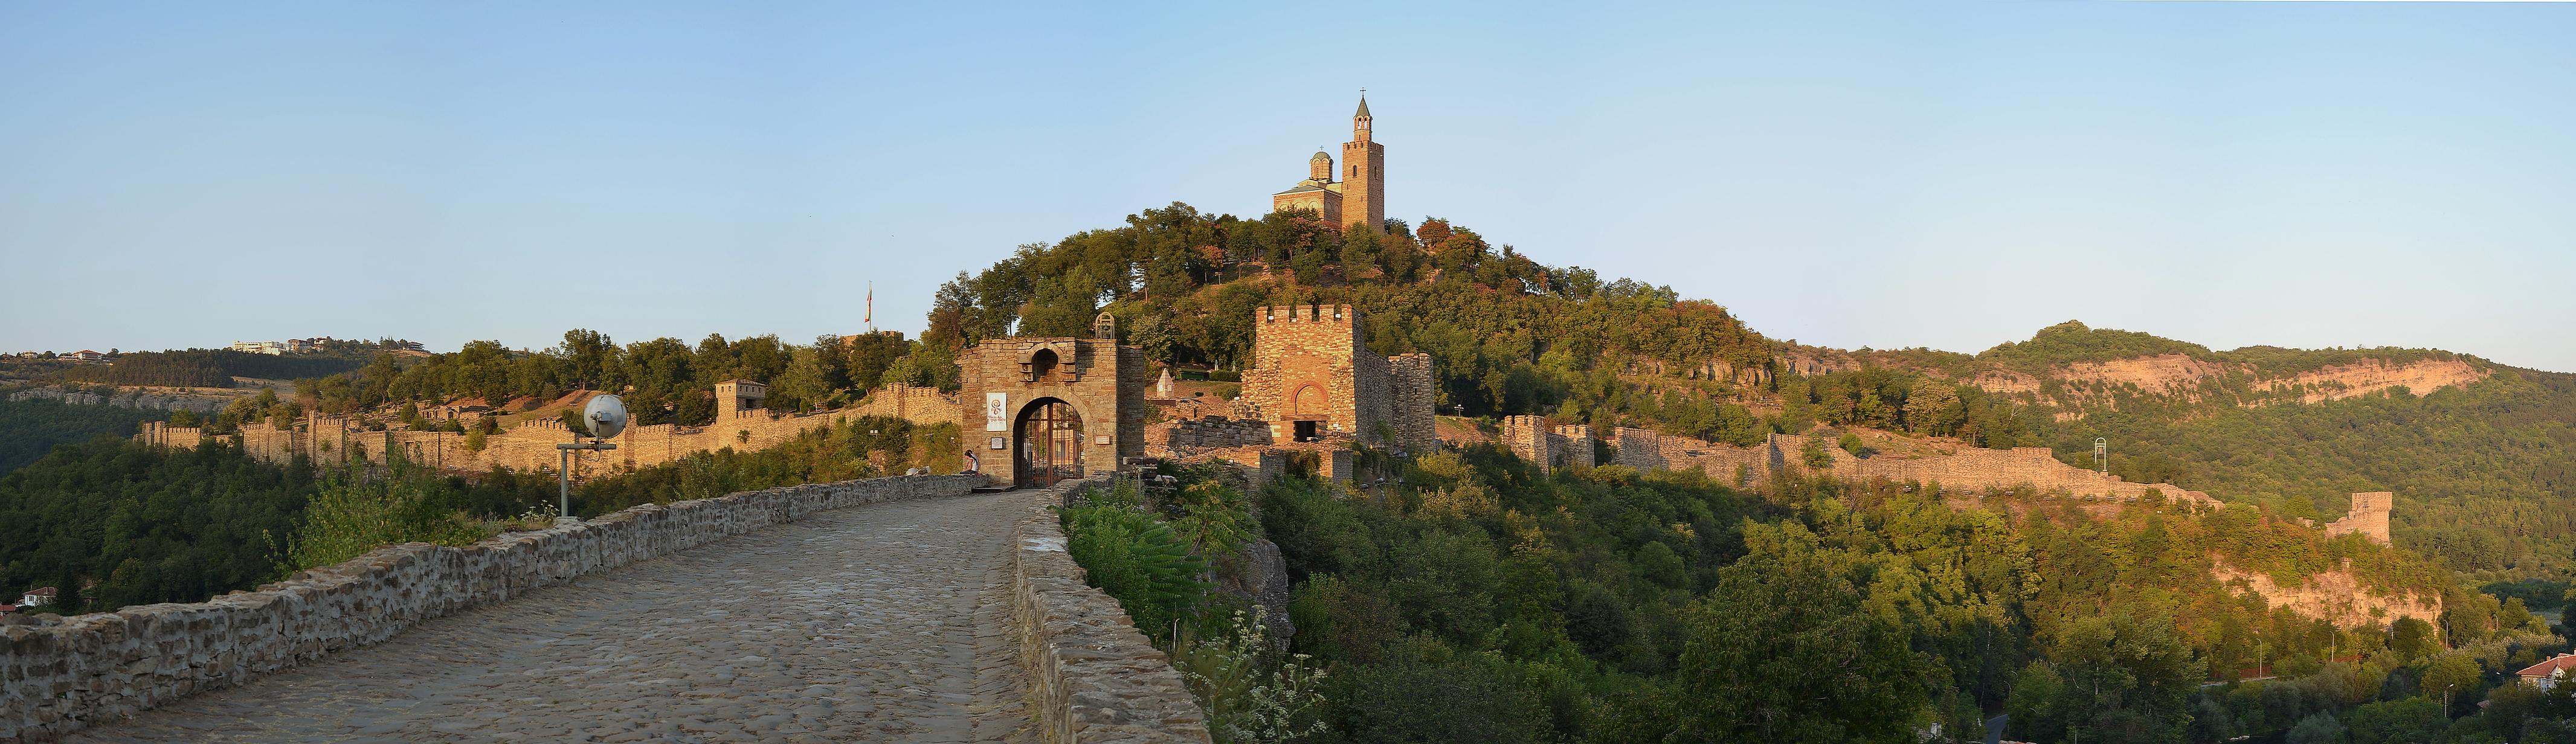 Tzarevetz castle photo